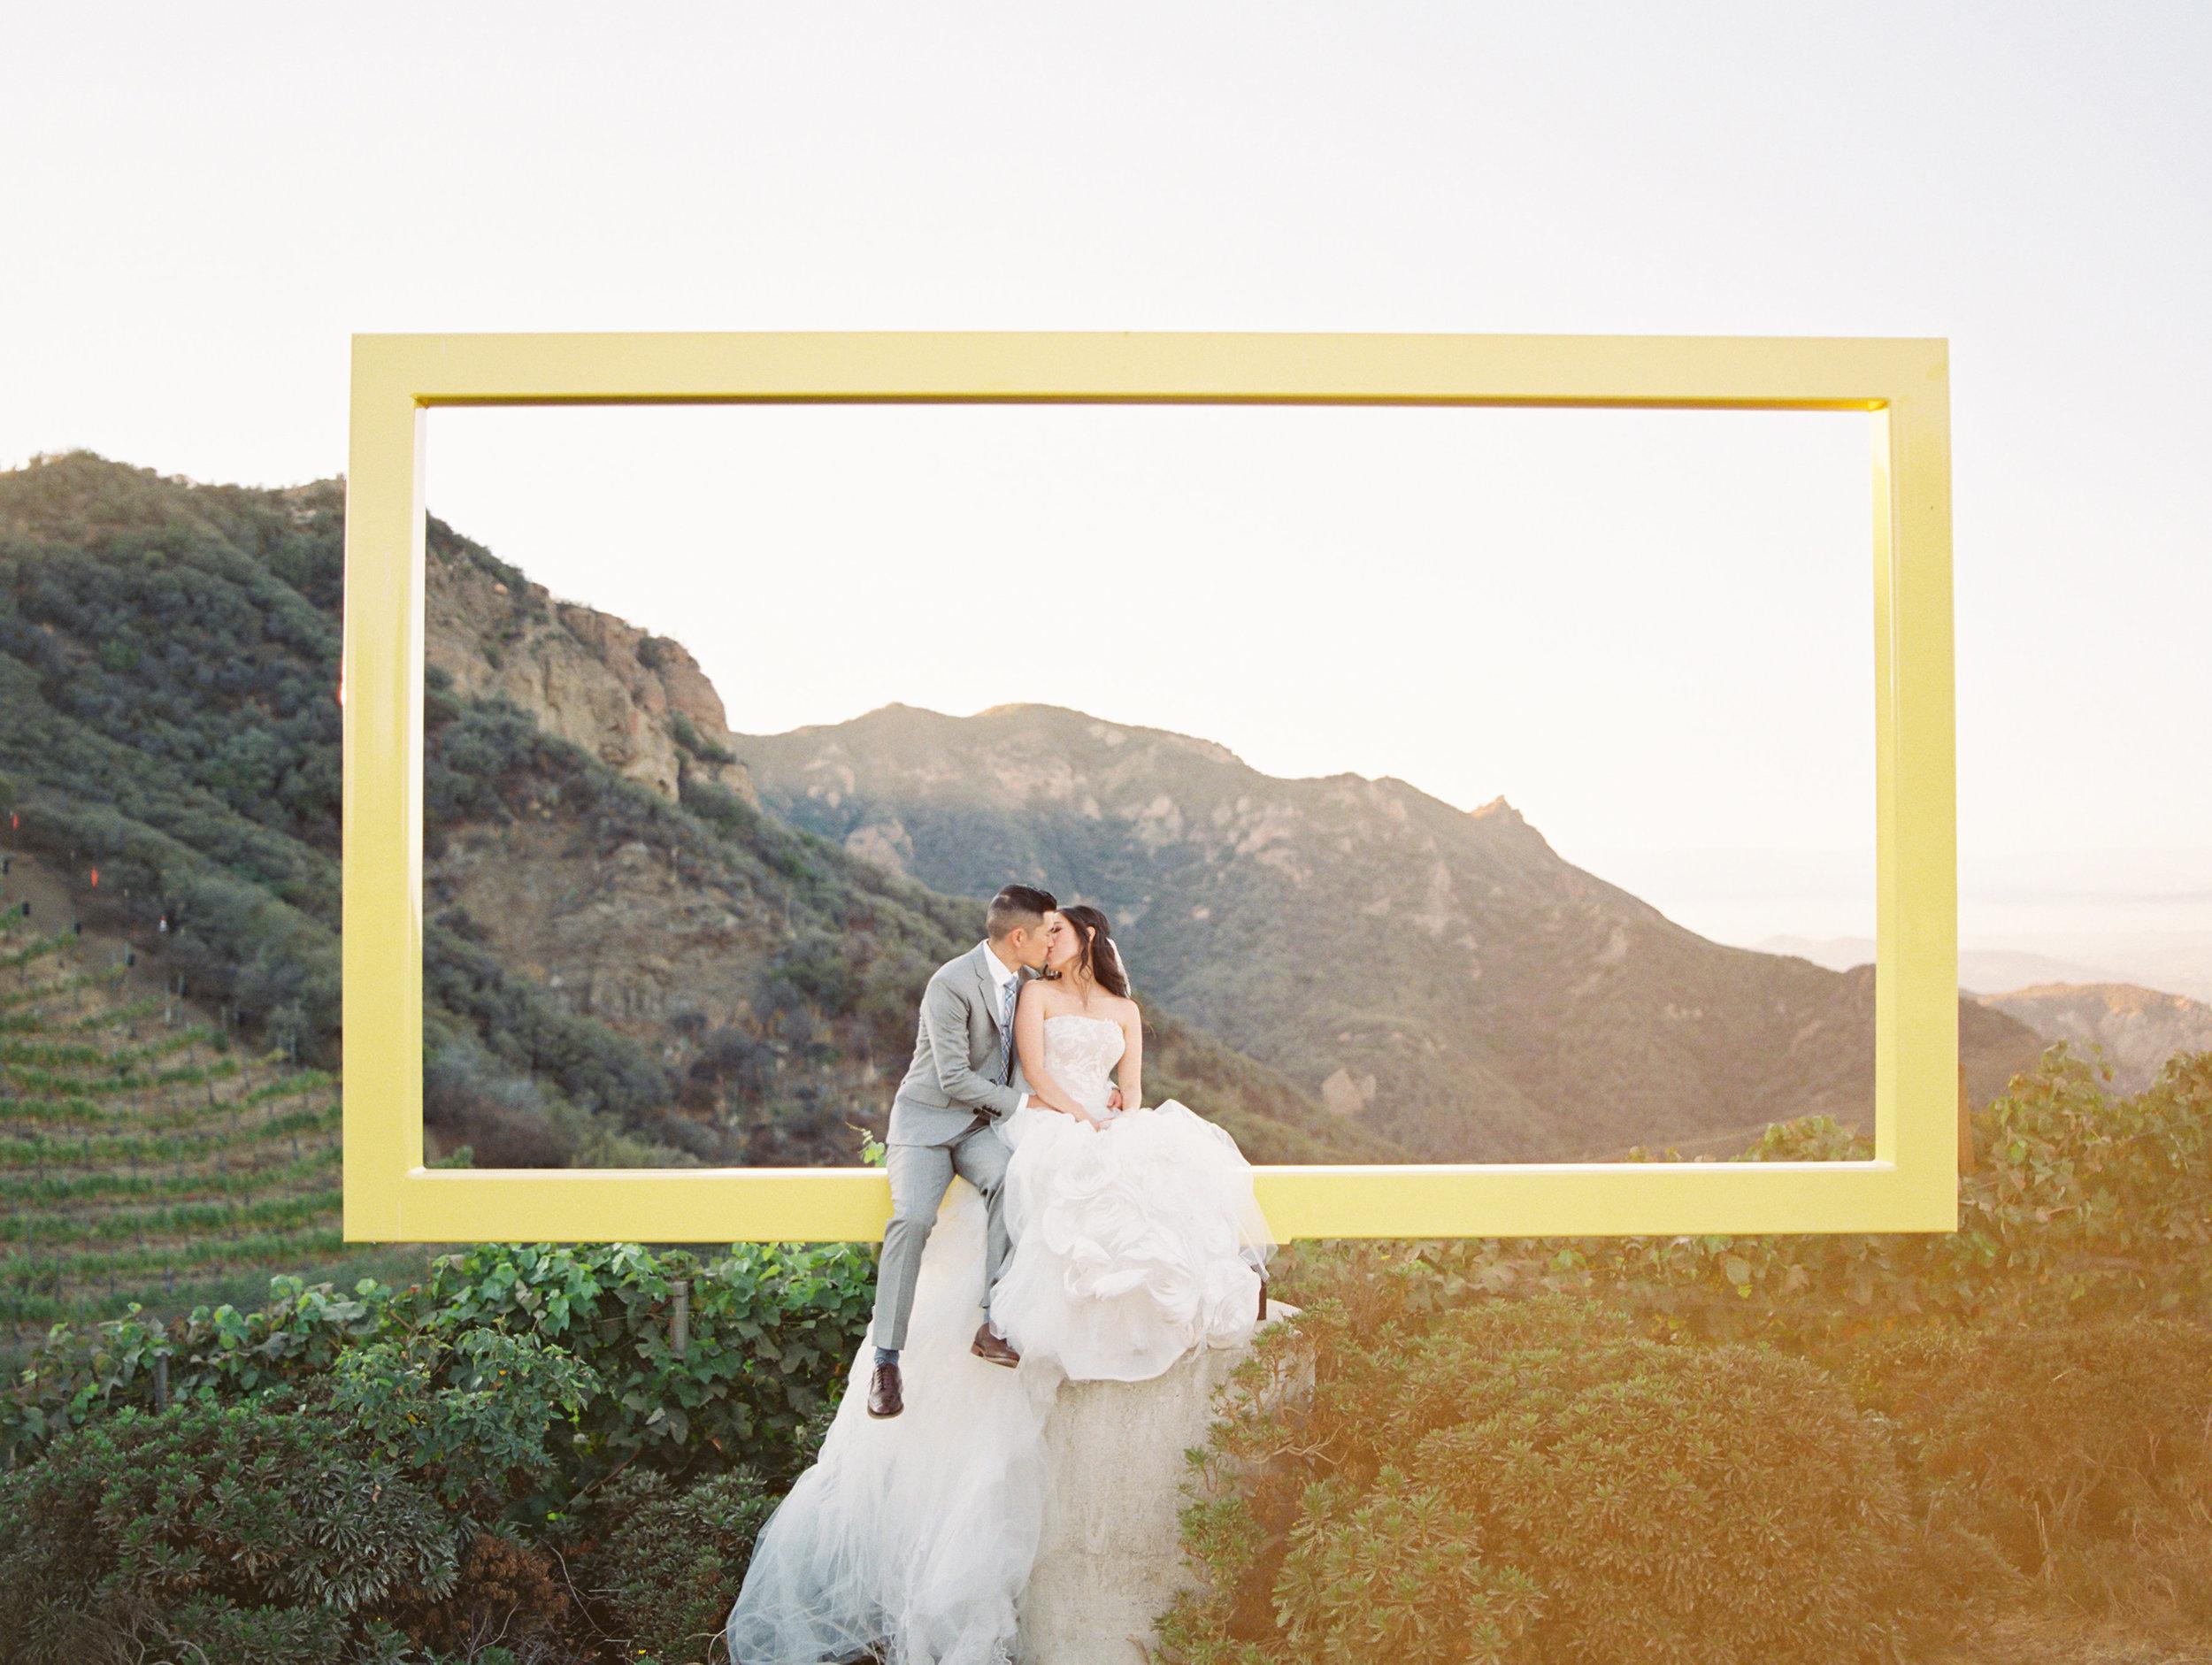 JESSICA & JEFF  Malibu, CA — The Great Romance